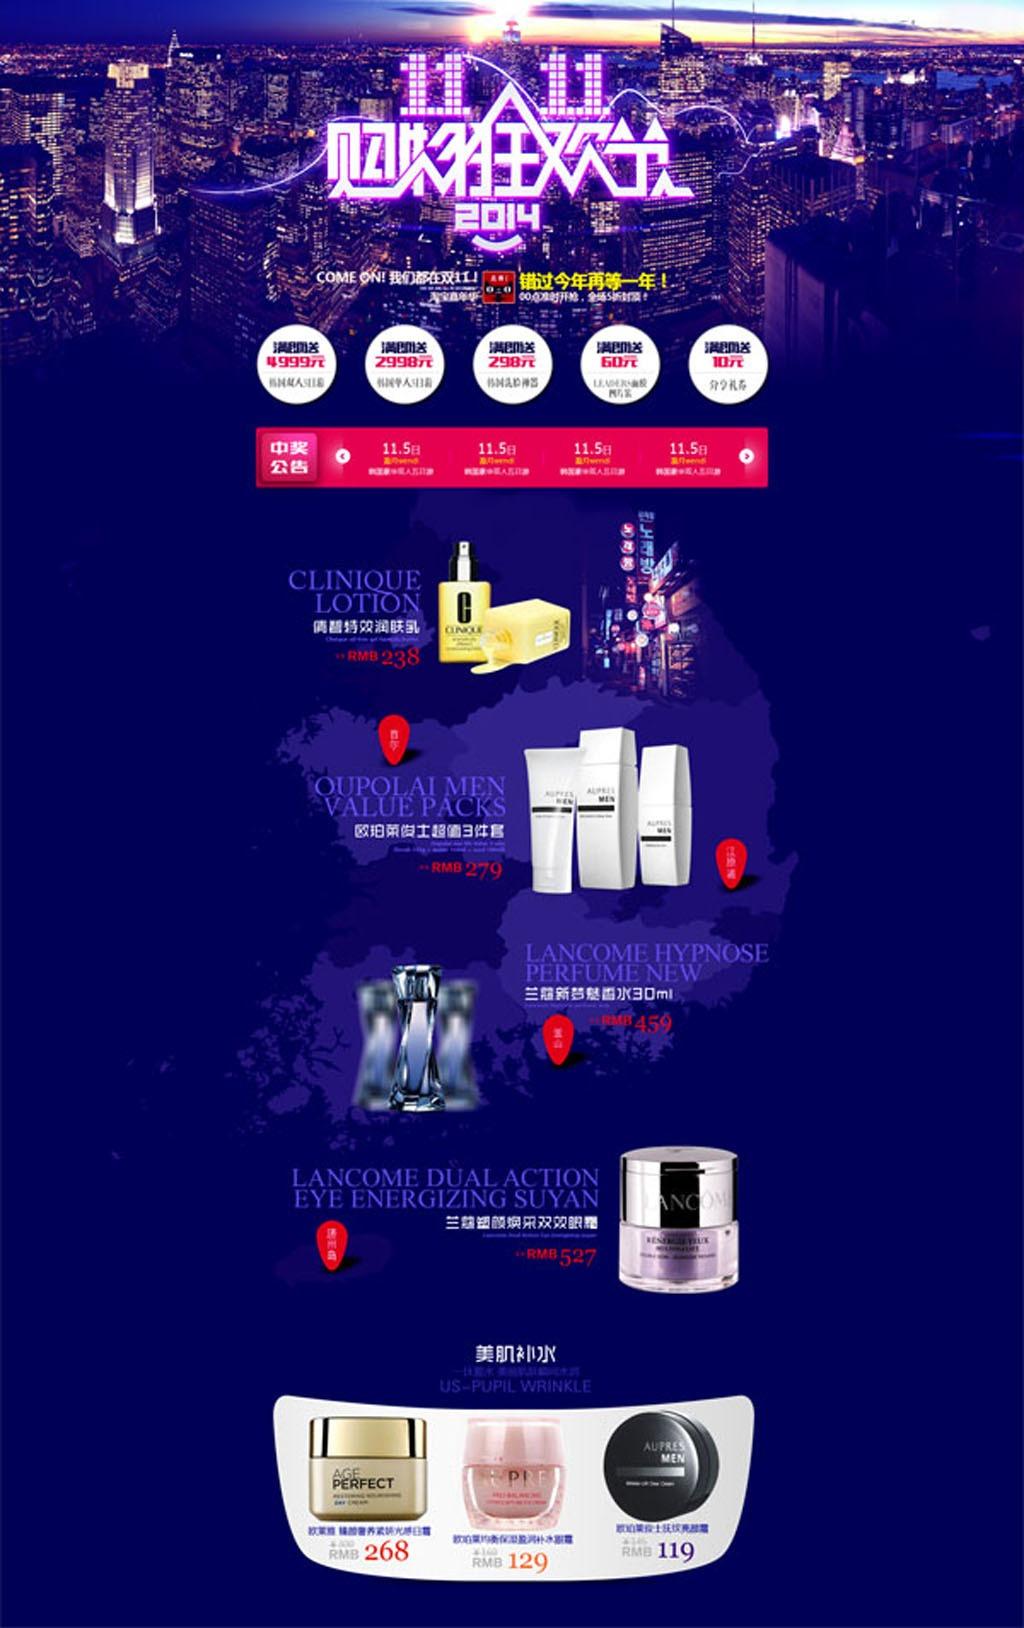 双十一购物狂欢节(化妆品)